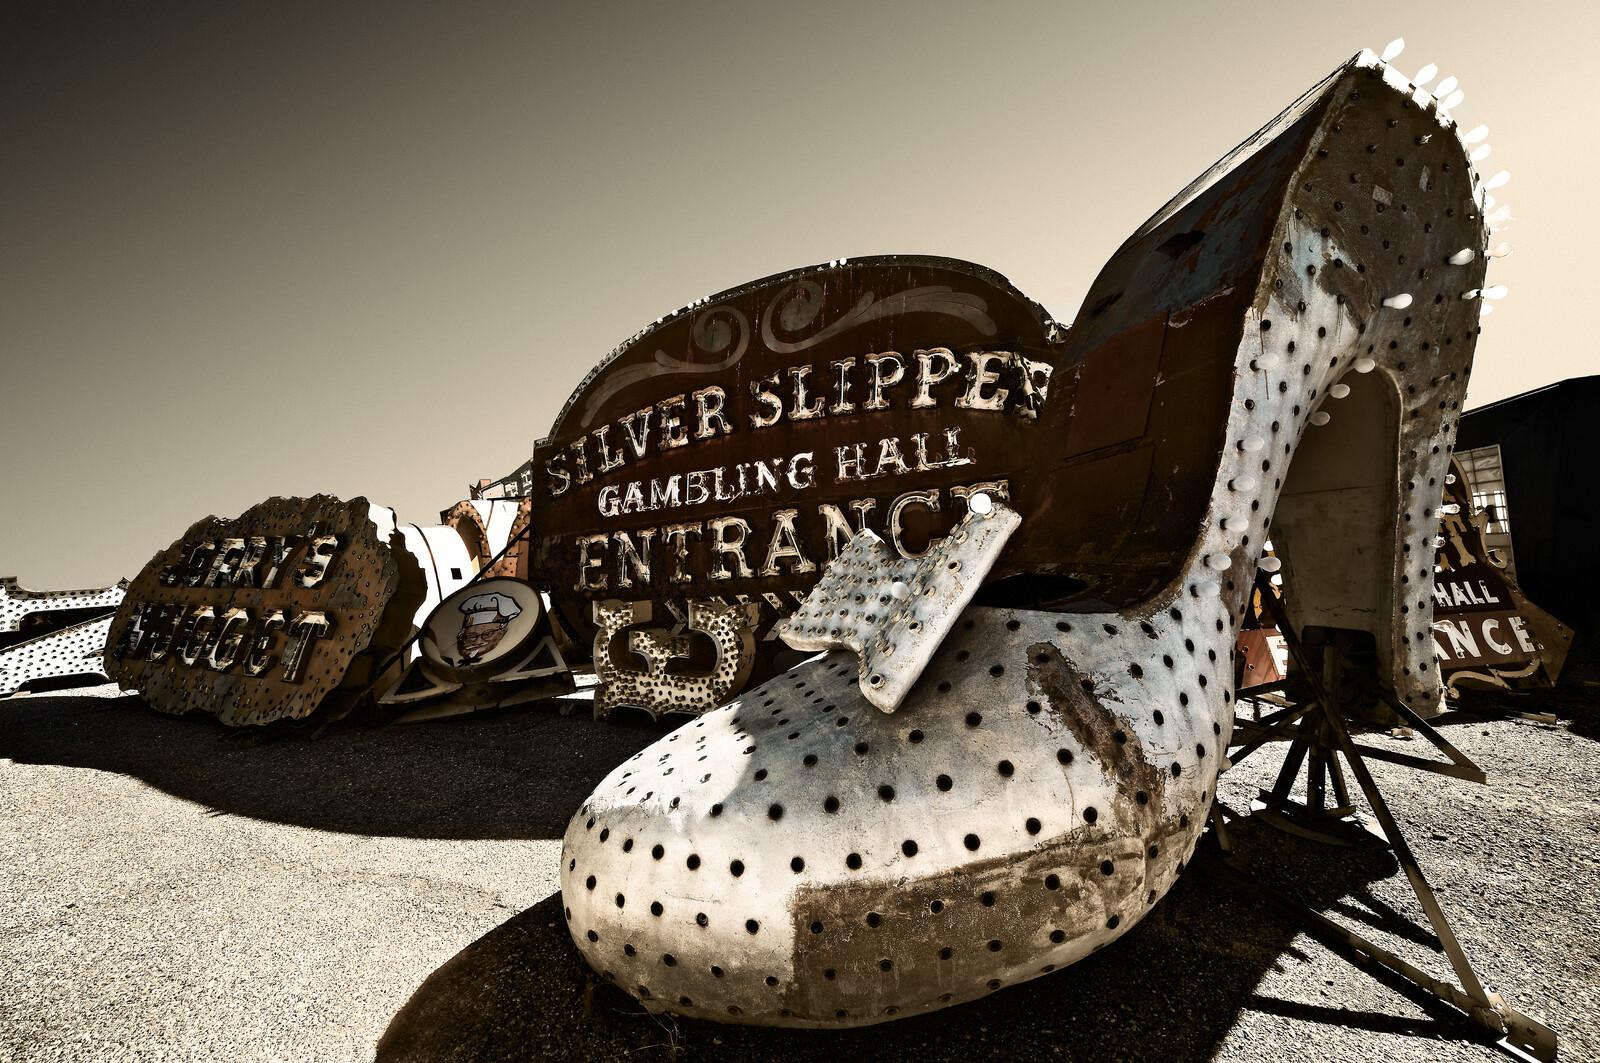 SILVERSLIPPER - Ralph Richter